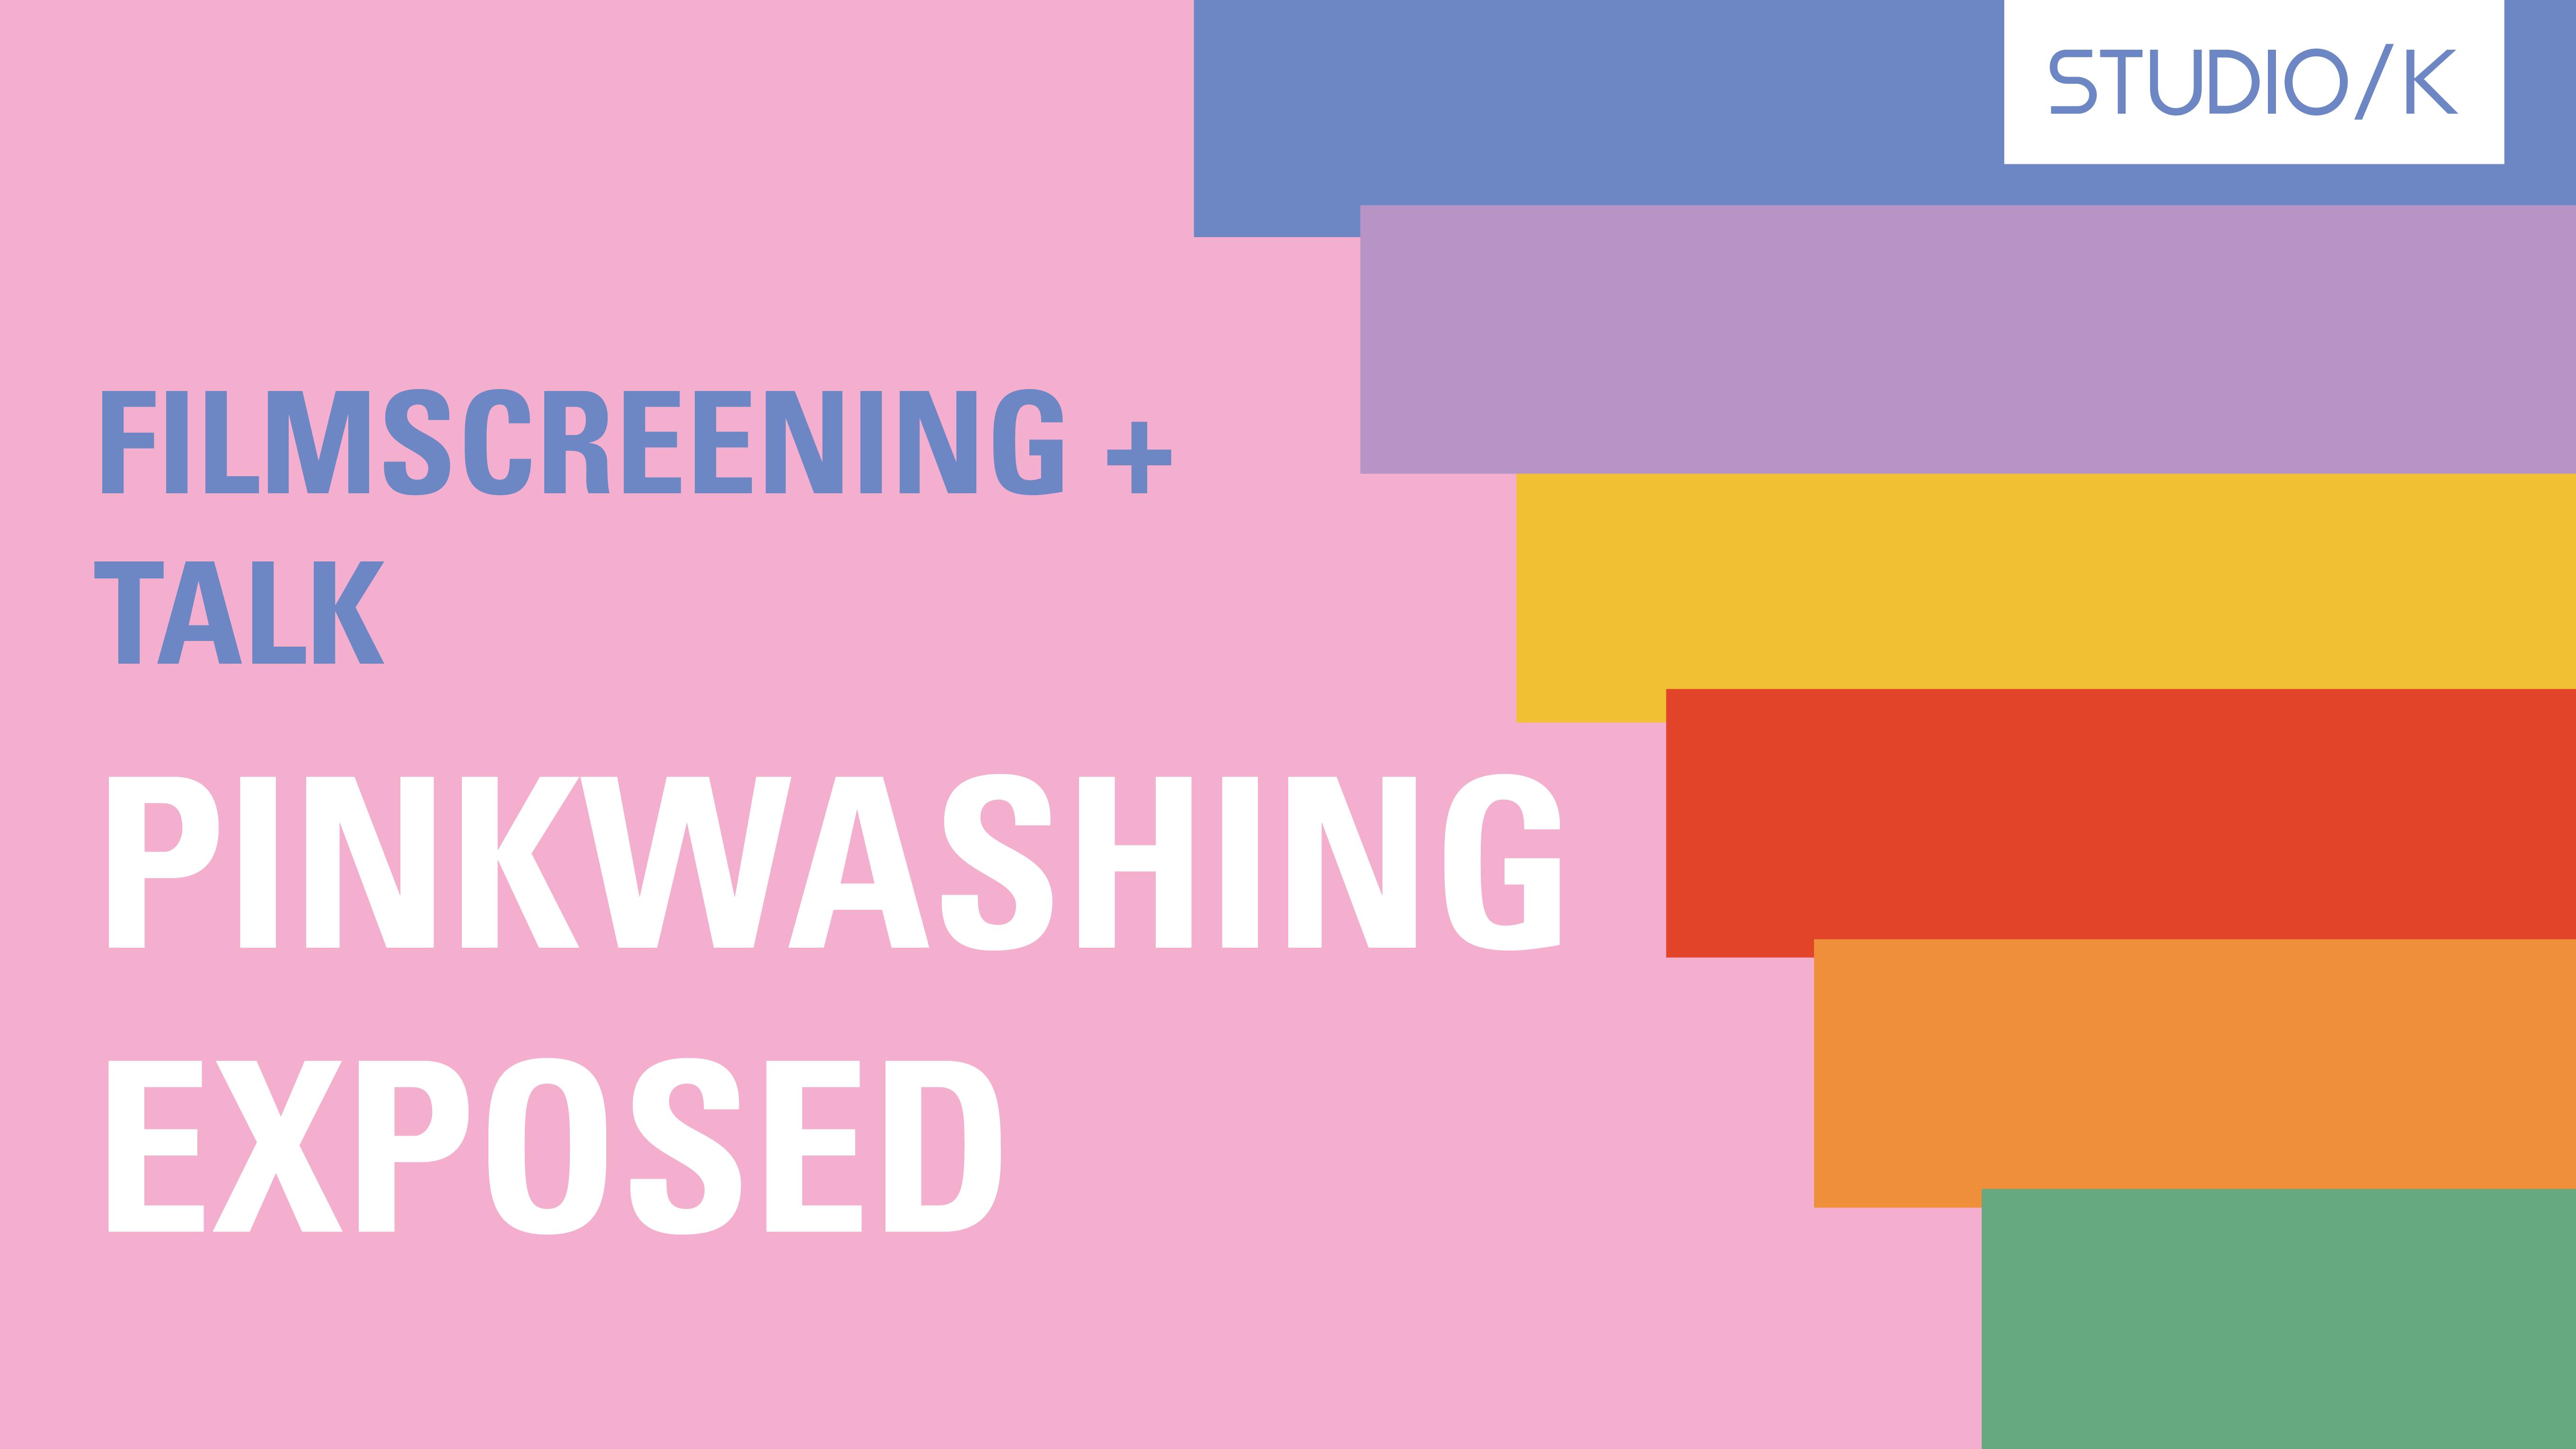 Pinkwashing Exposed